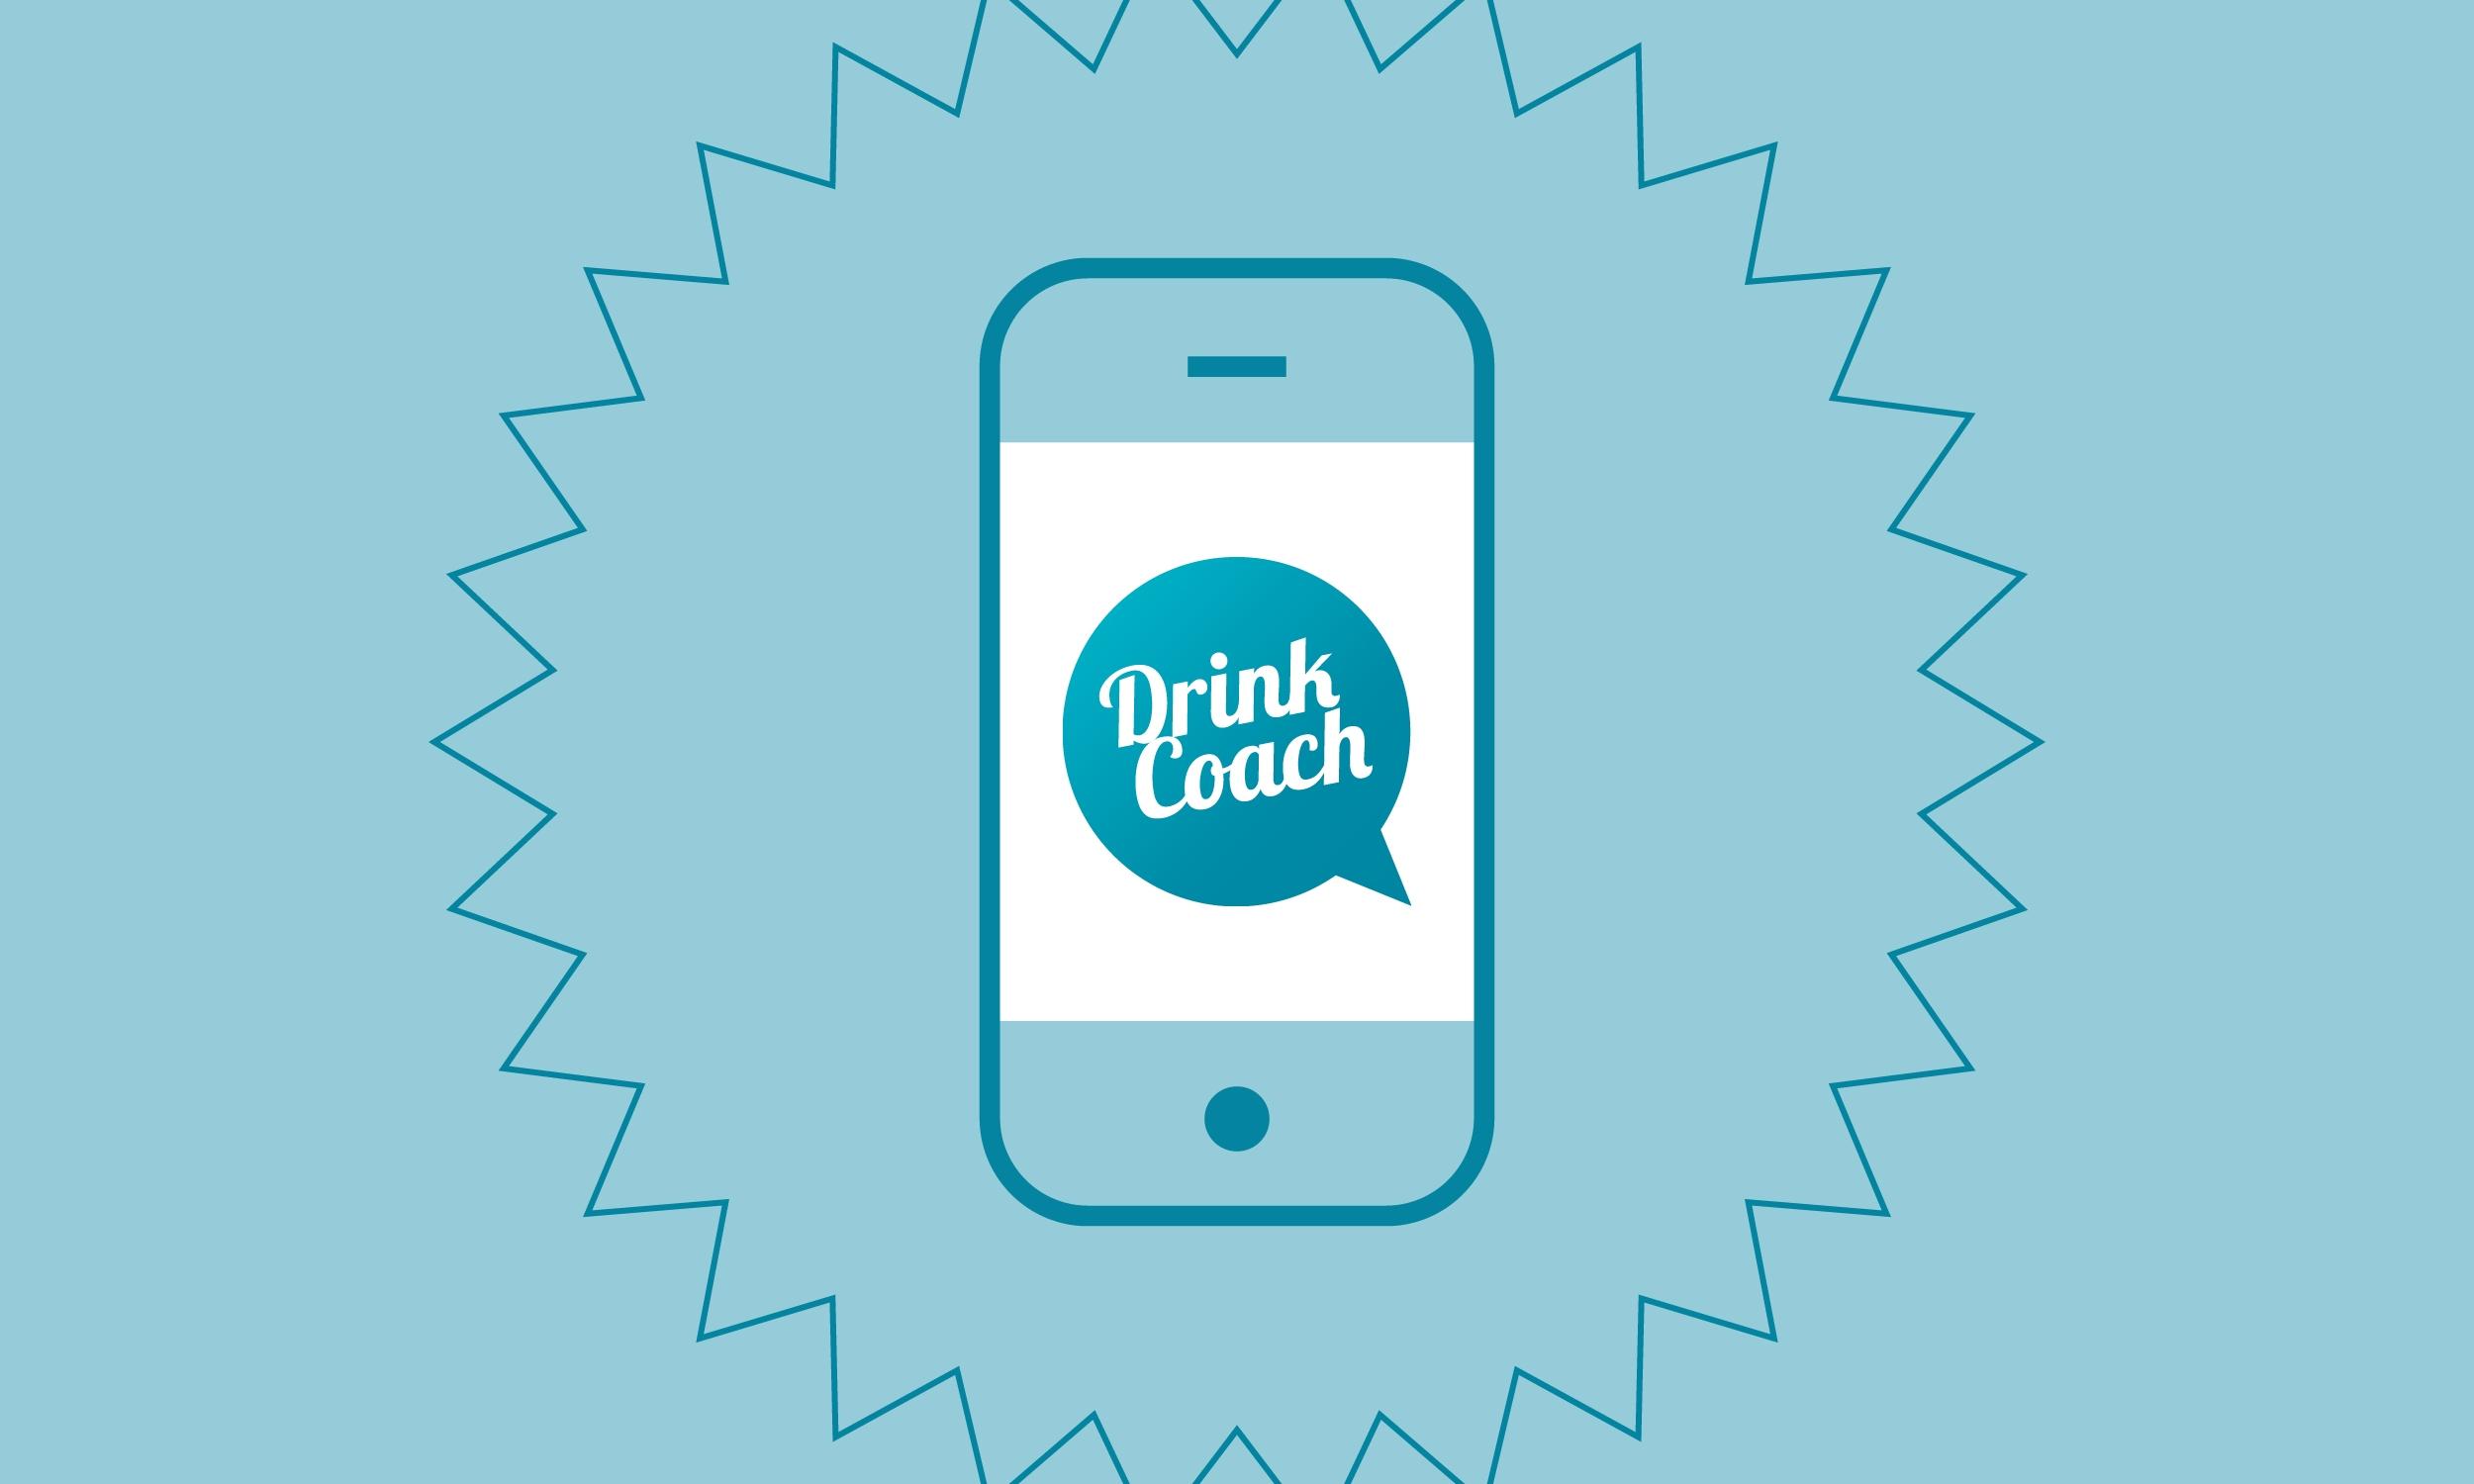 units-in-a-drinkcoach-app.jpg